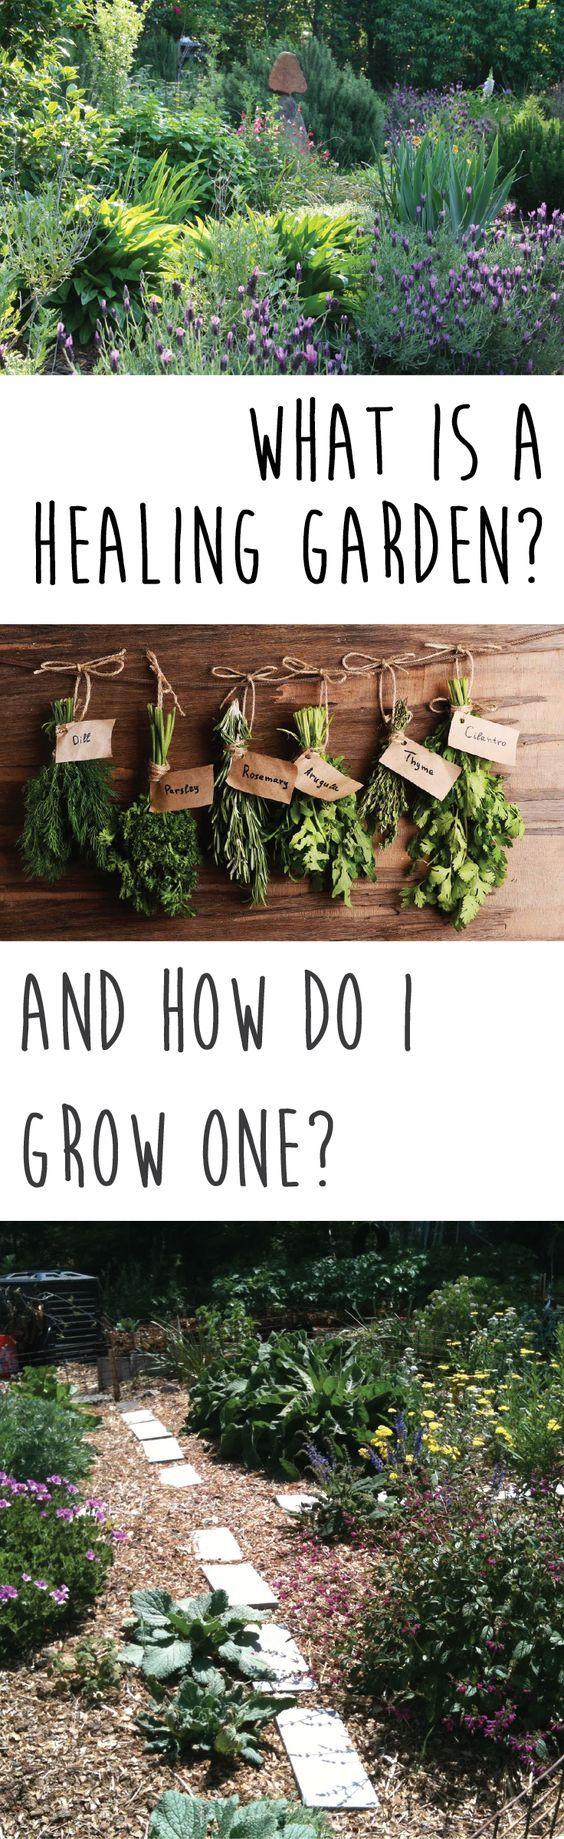 How to grow a healing garden